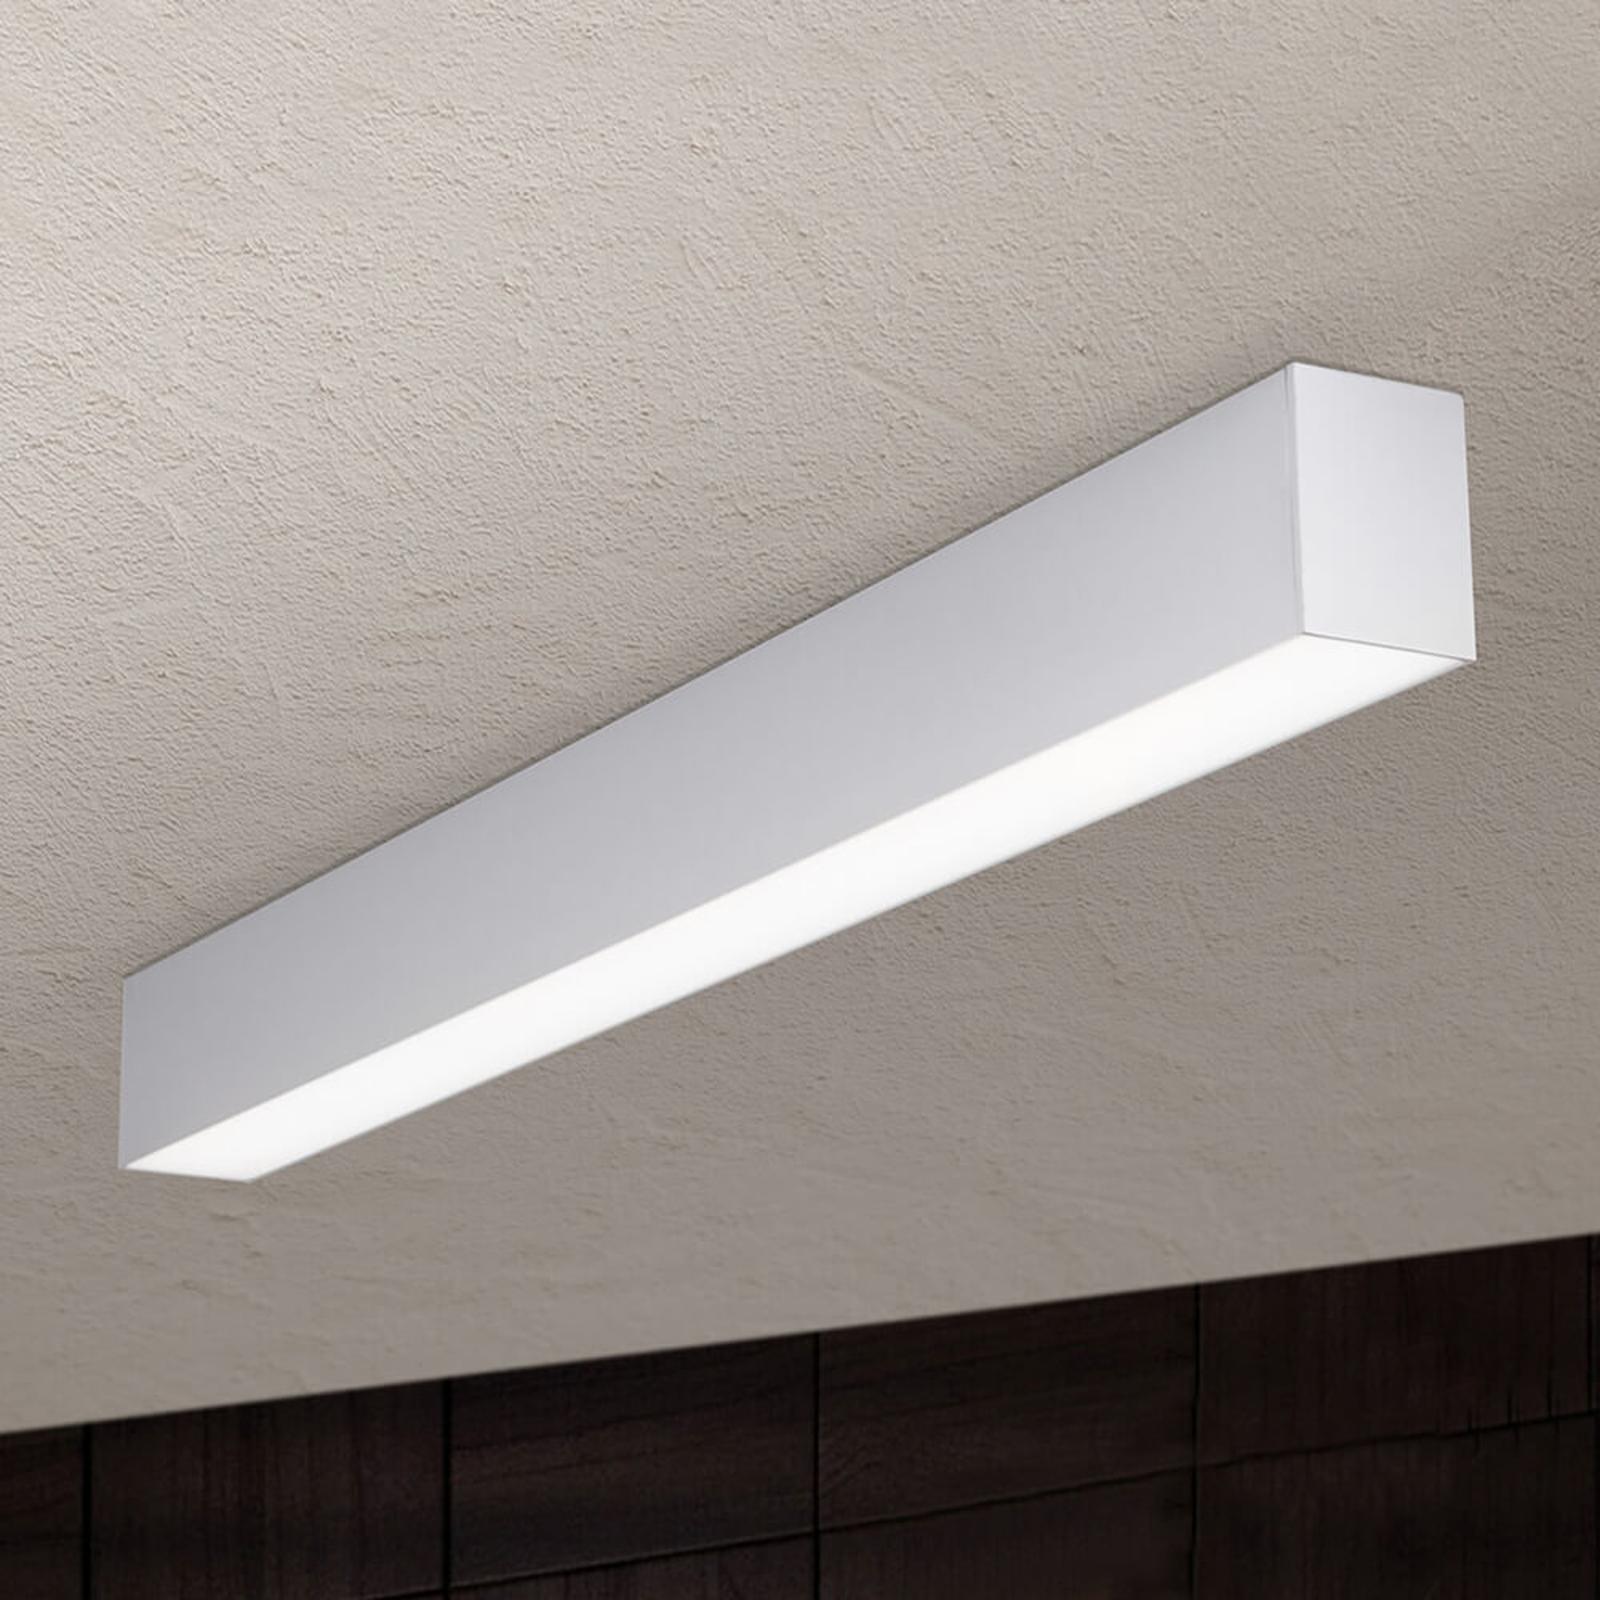 LED-Deckenleuchte Sando mit Aufhängeset - 86 cm